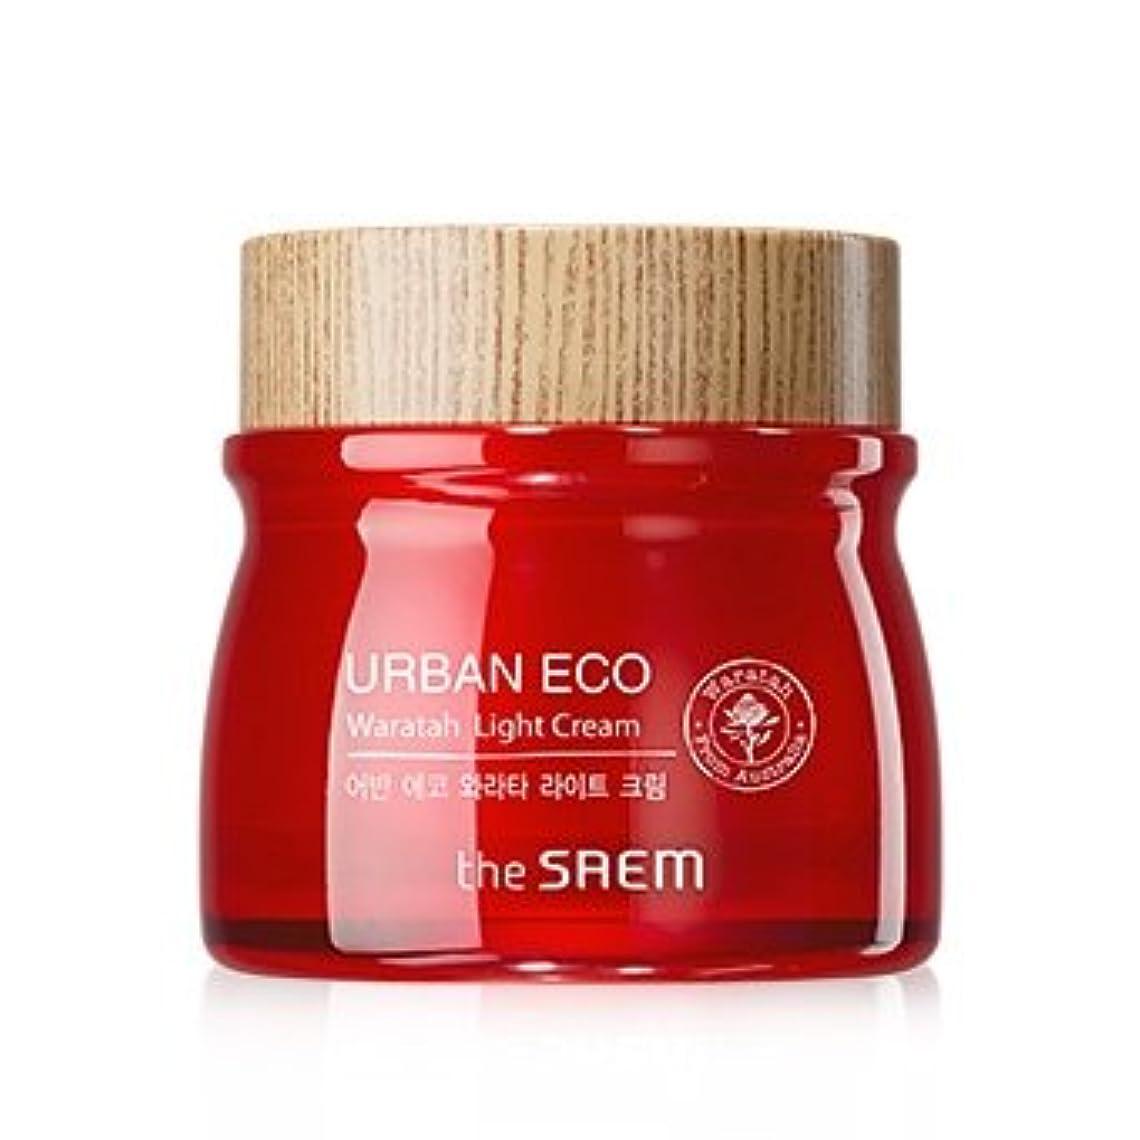 ローラー解放する学部The Saem Urban Eco Waratah Light Cream 60ml ドセム アーバンエコワラターライトクリーム60ml[並行輸入品]